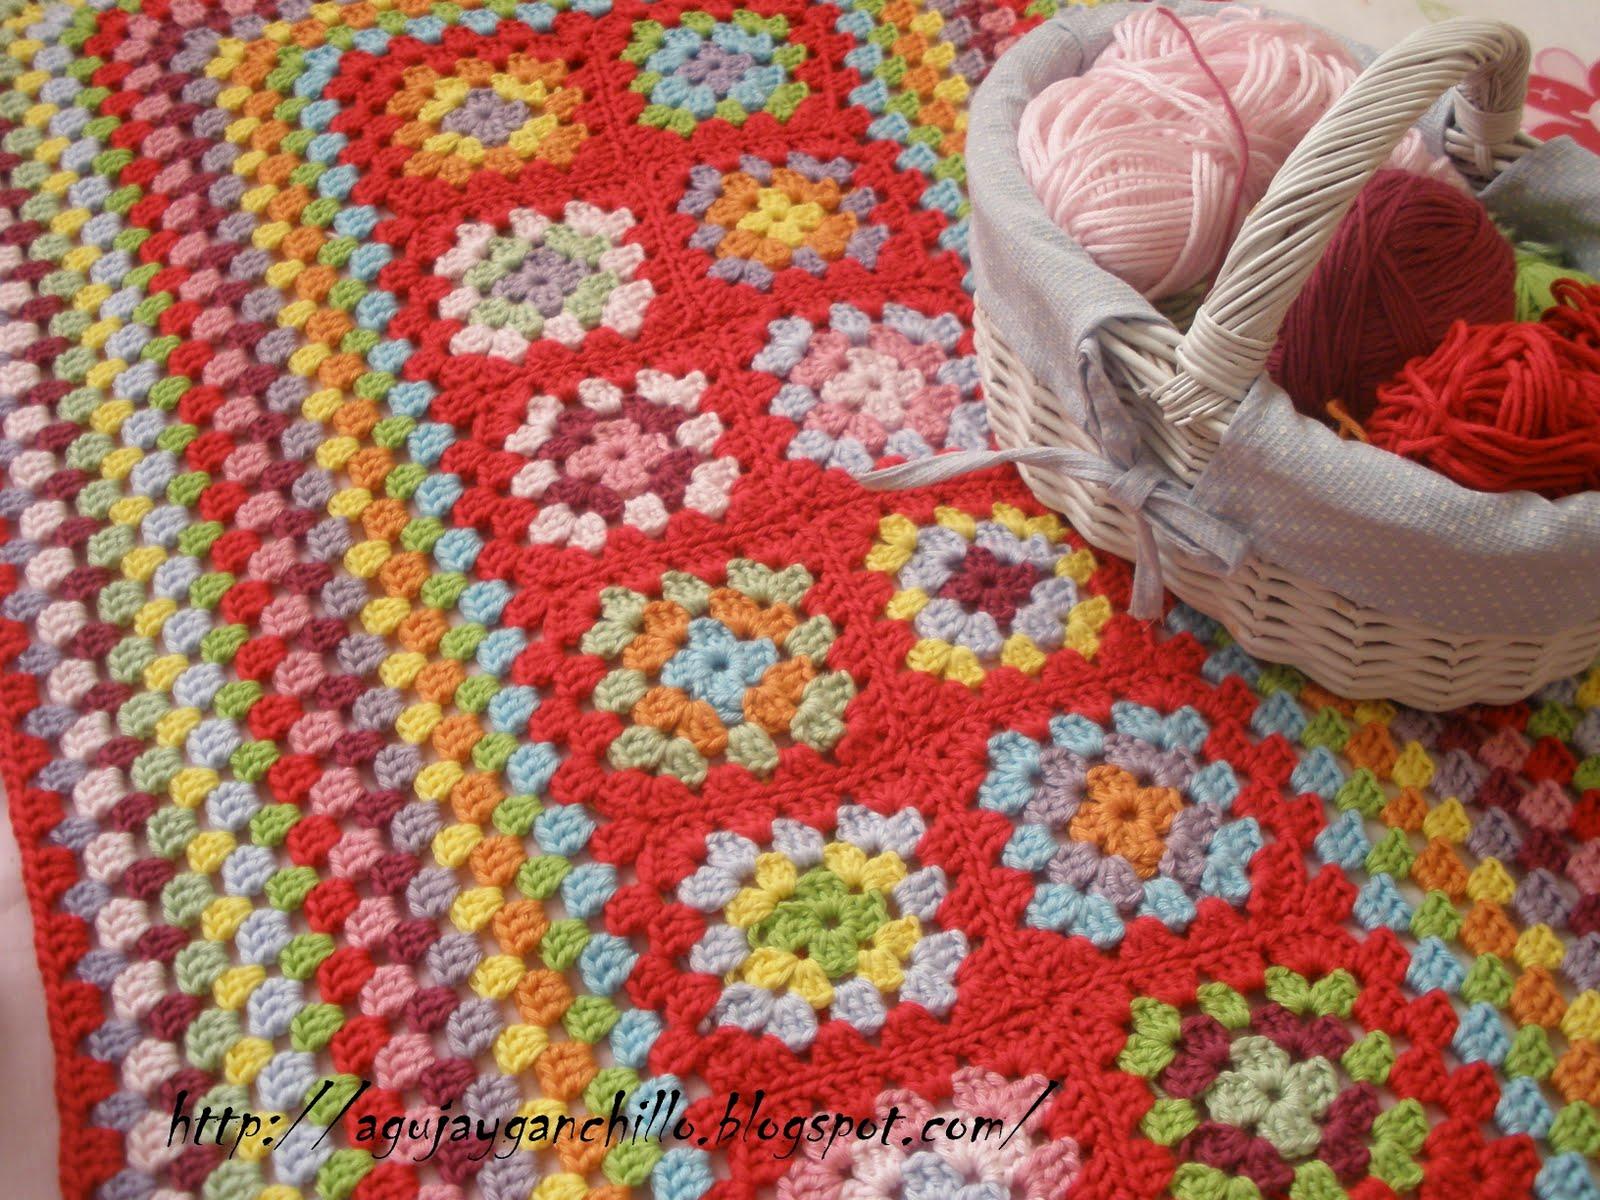 Aguja y ganchillo colores de primavera - Mantas ganchillo colores ...